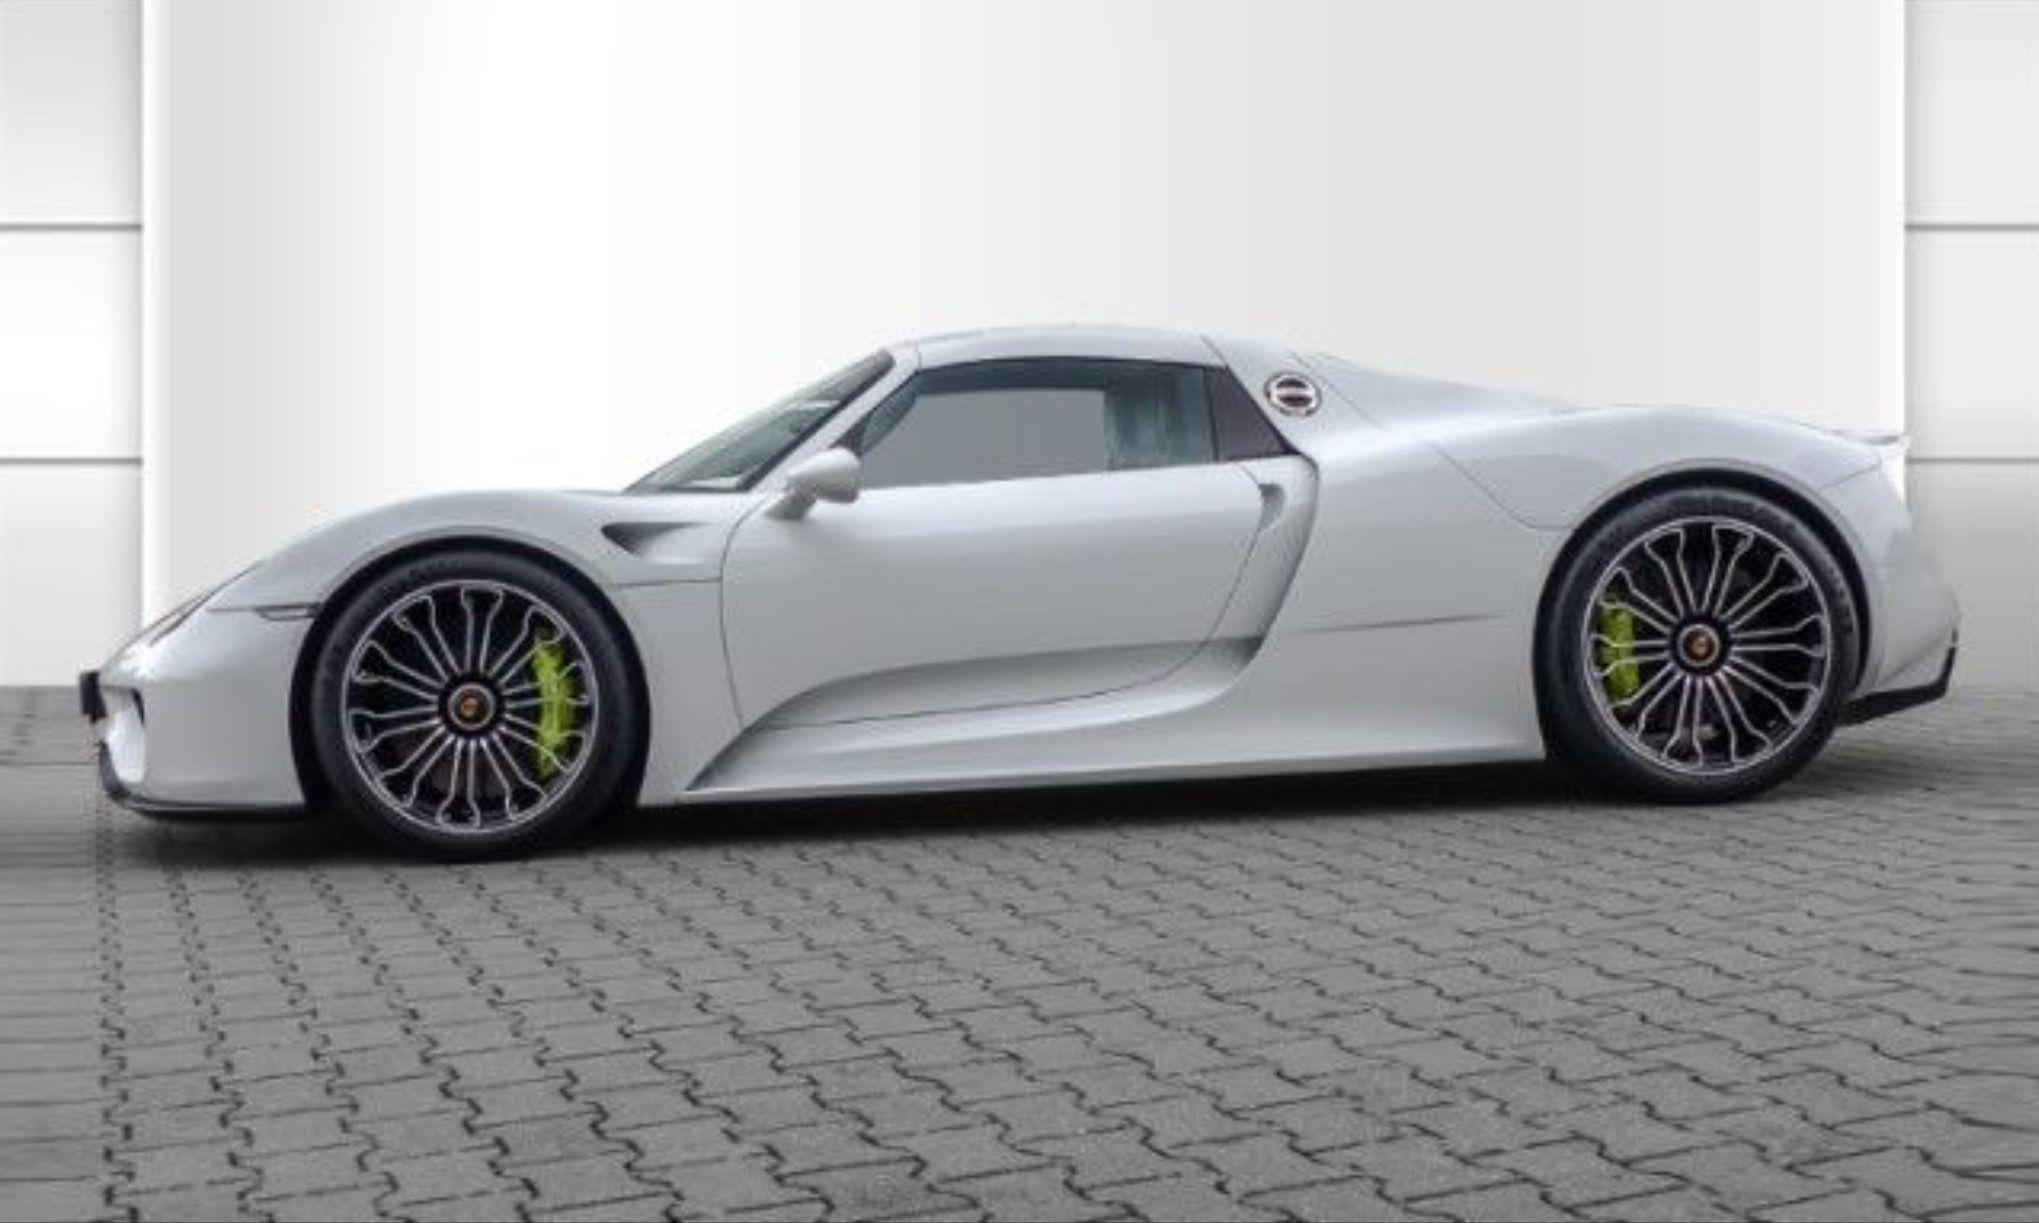 47ec3e67e89e5ce5acce4ba02ee7eed1 Mesmerizing Porsche 918 Spyder London Ontario Cars Trend